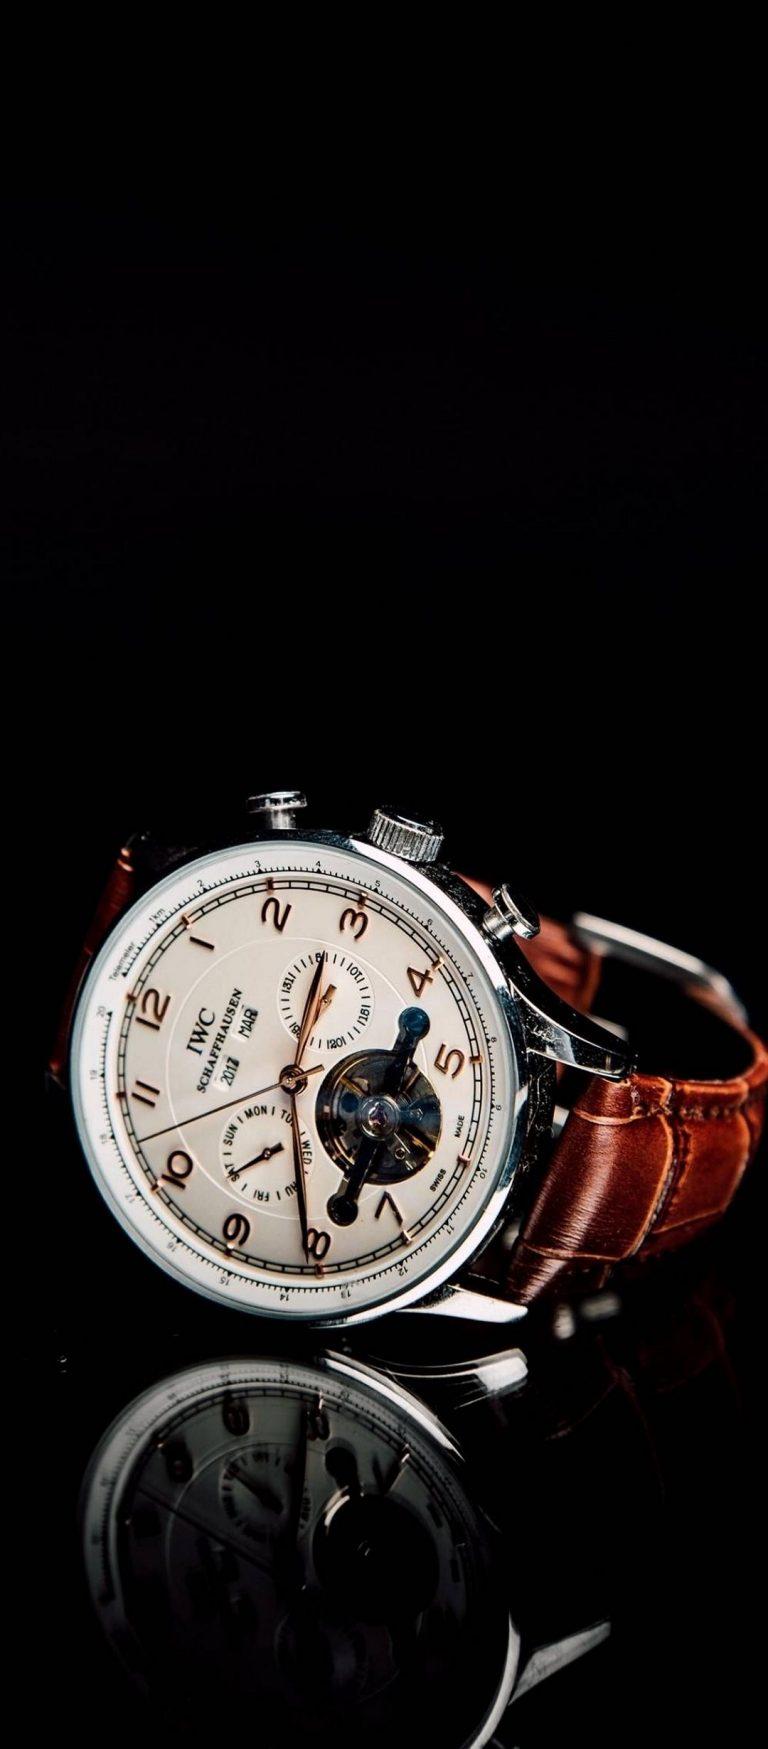 Wrist Watch Style 1080x2460 768x1749